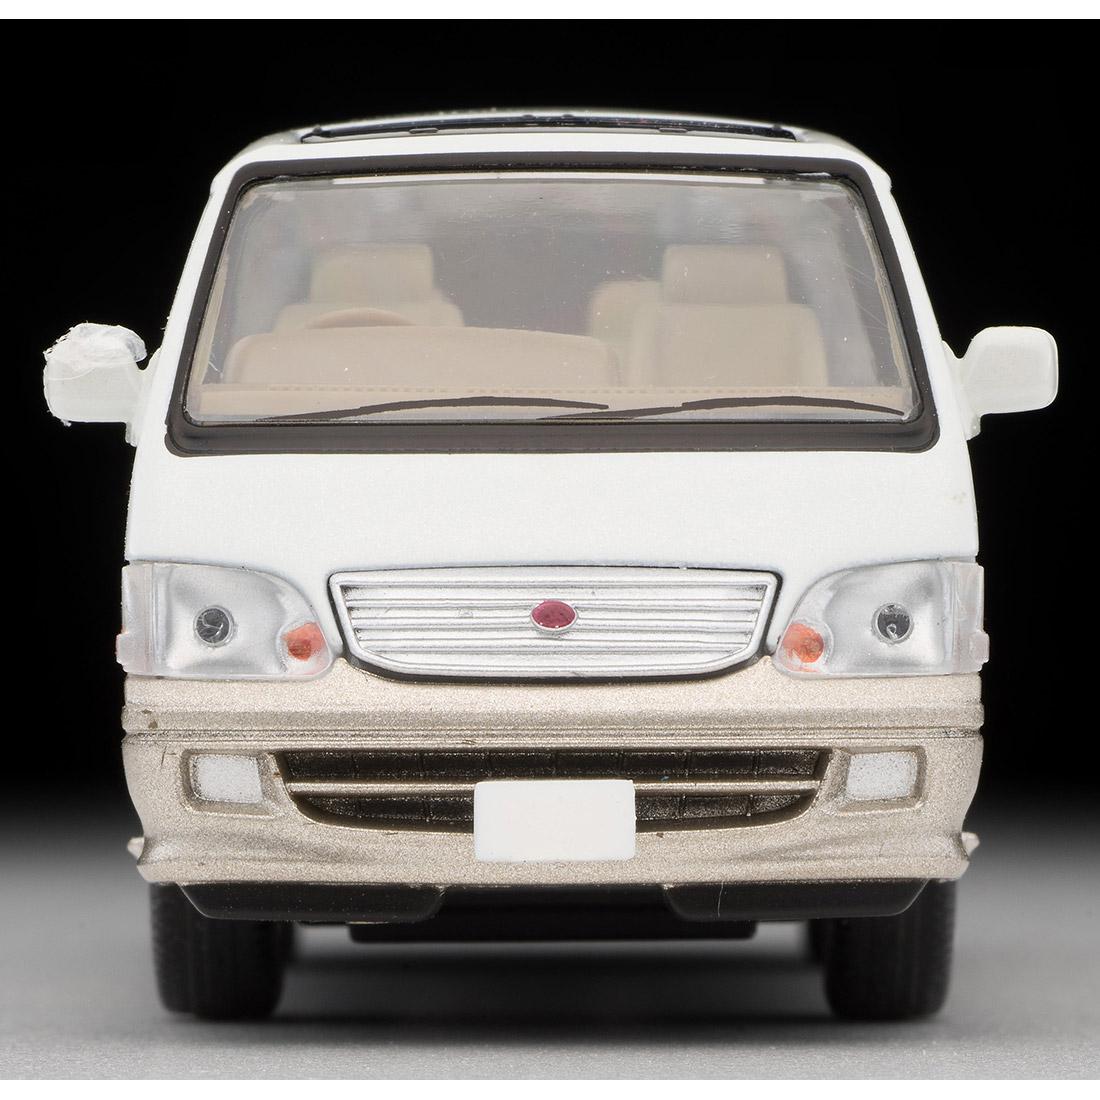 トミカリミテッド ヴィンテージ ネオ TLV-NEO『LV-N216a ハイエースワゴン リビングサルーン EX(白/ベージュ)』1/64 ミニカー-003